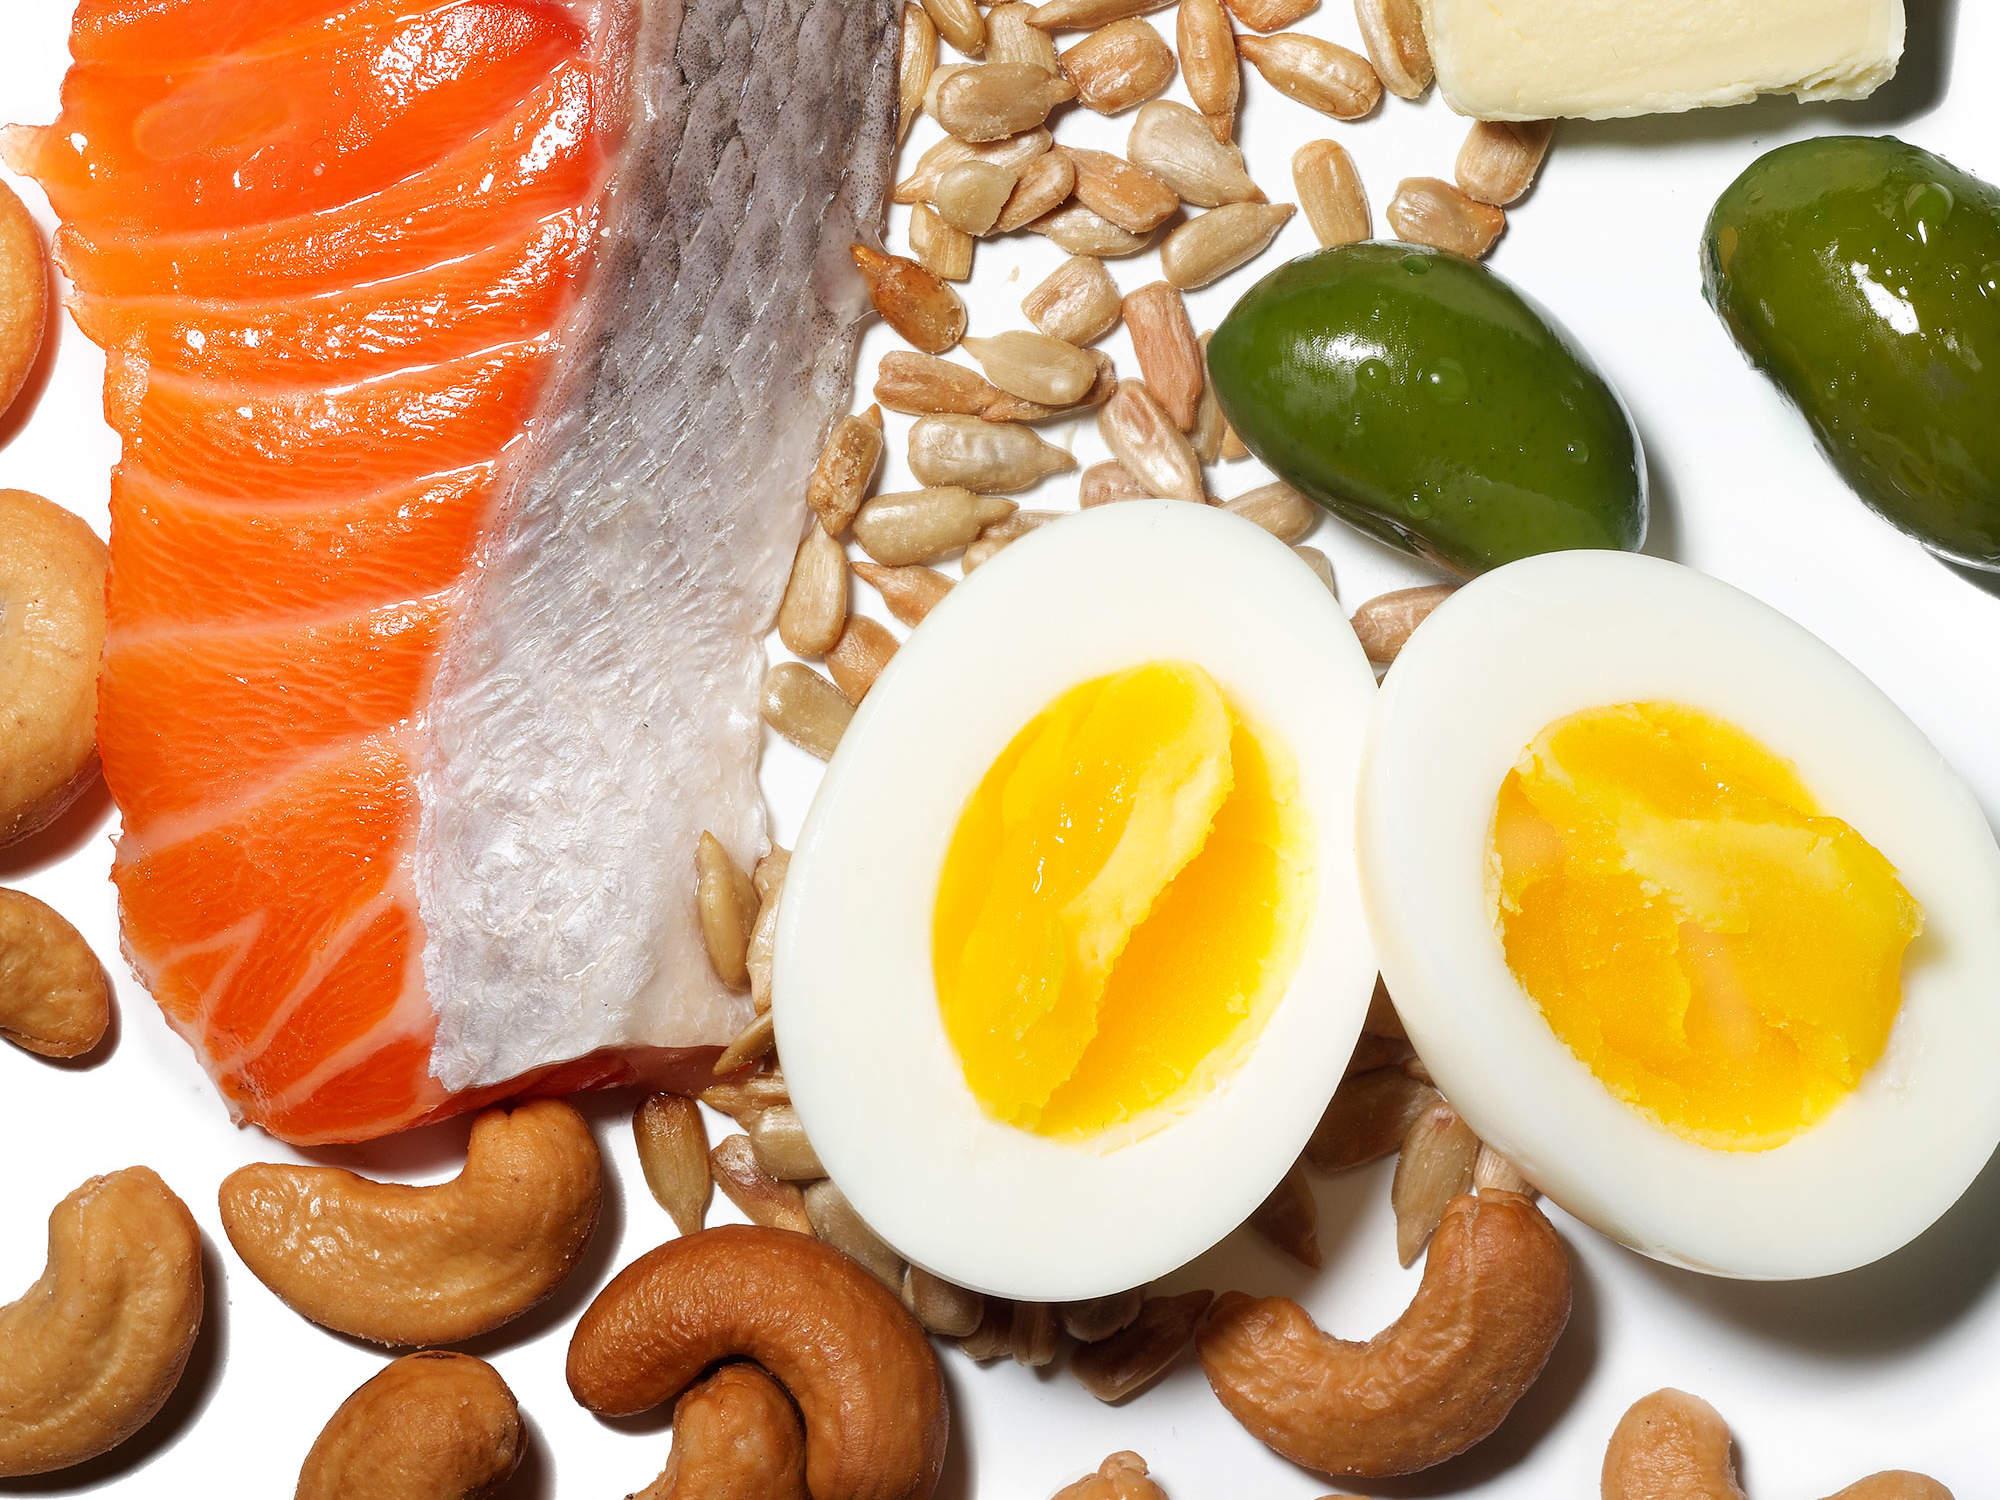 افزایش سلامت زنان با روش های خوراکی